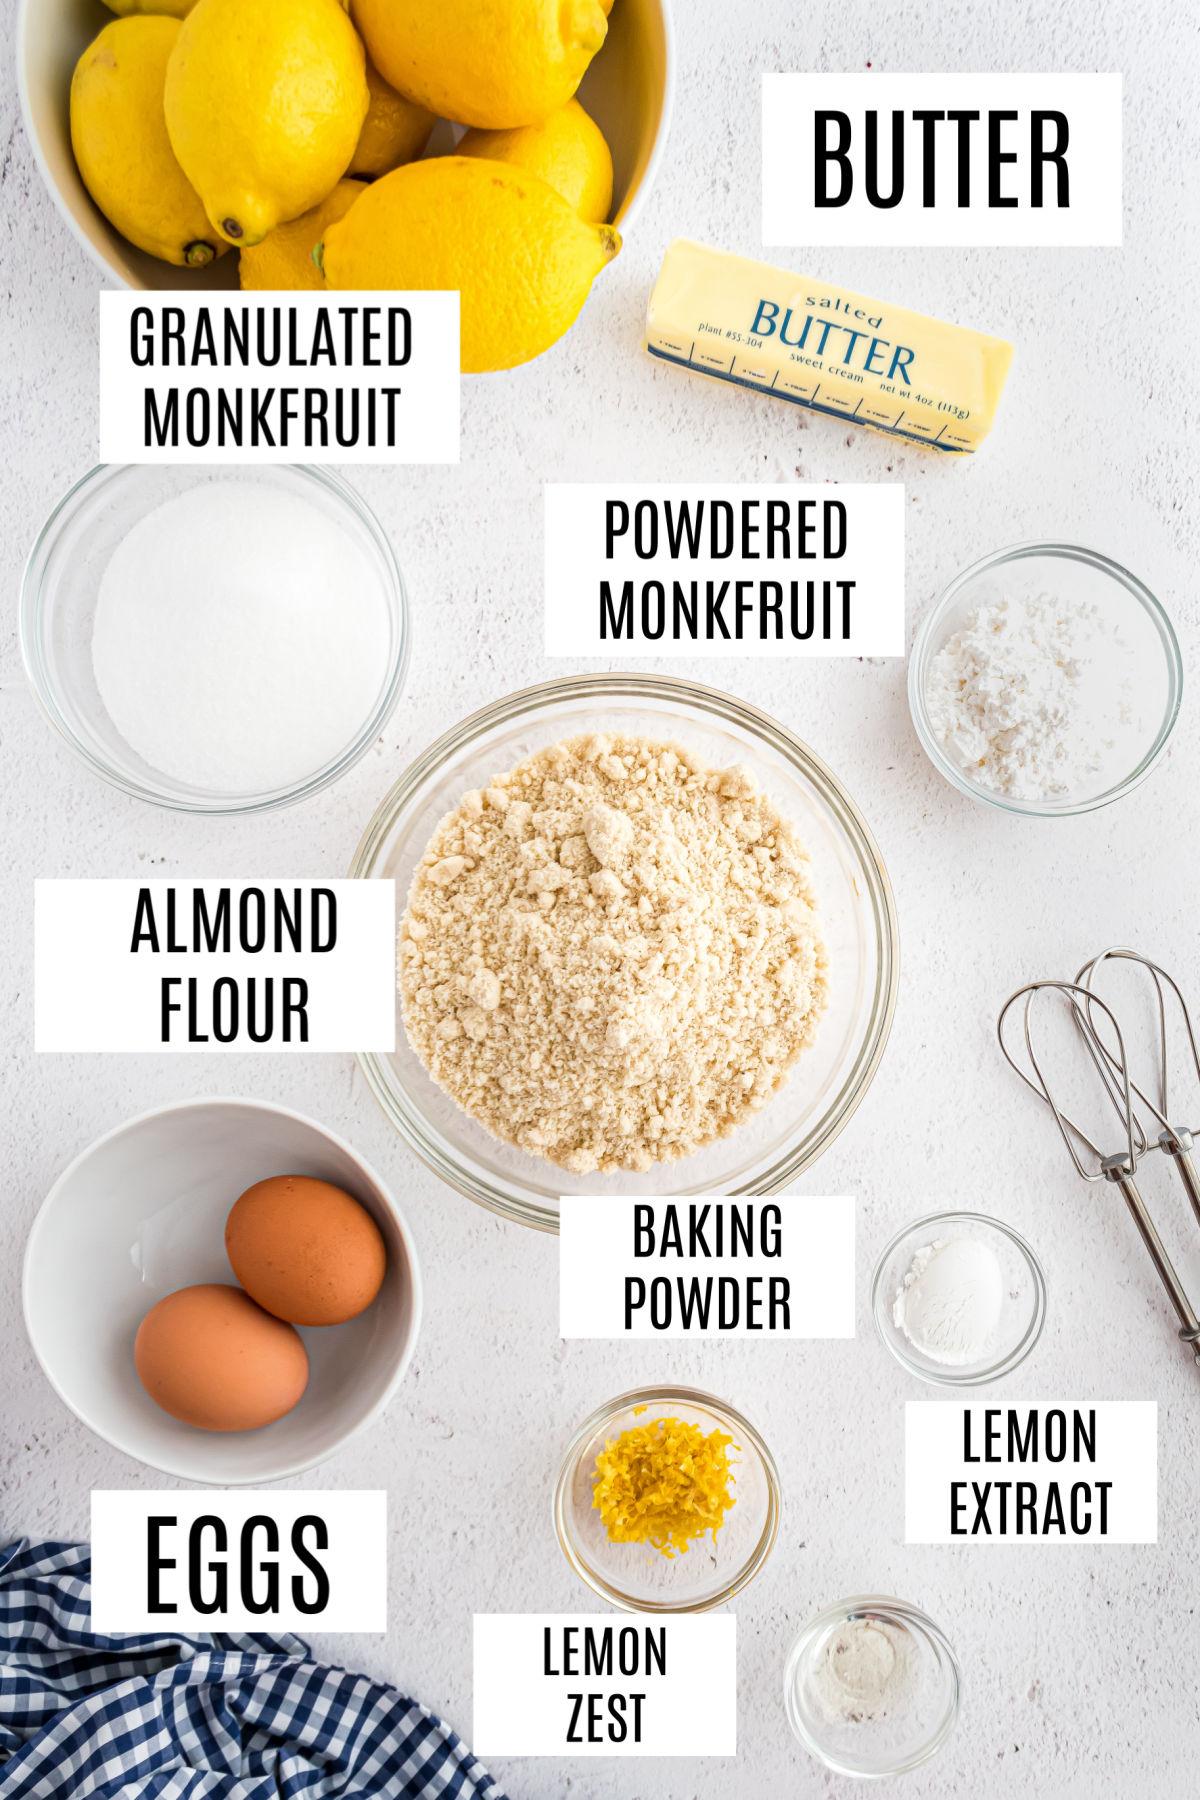 Ingredients needed for keto lemon cookie recipe.